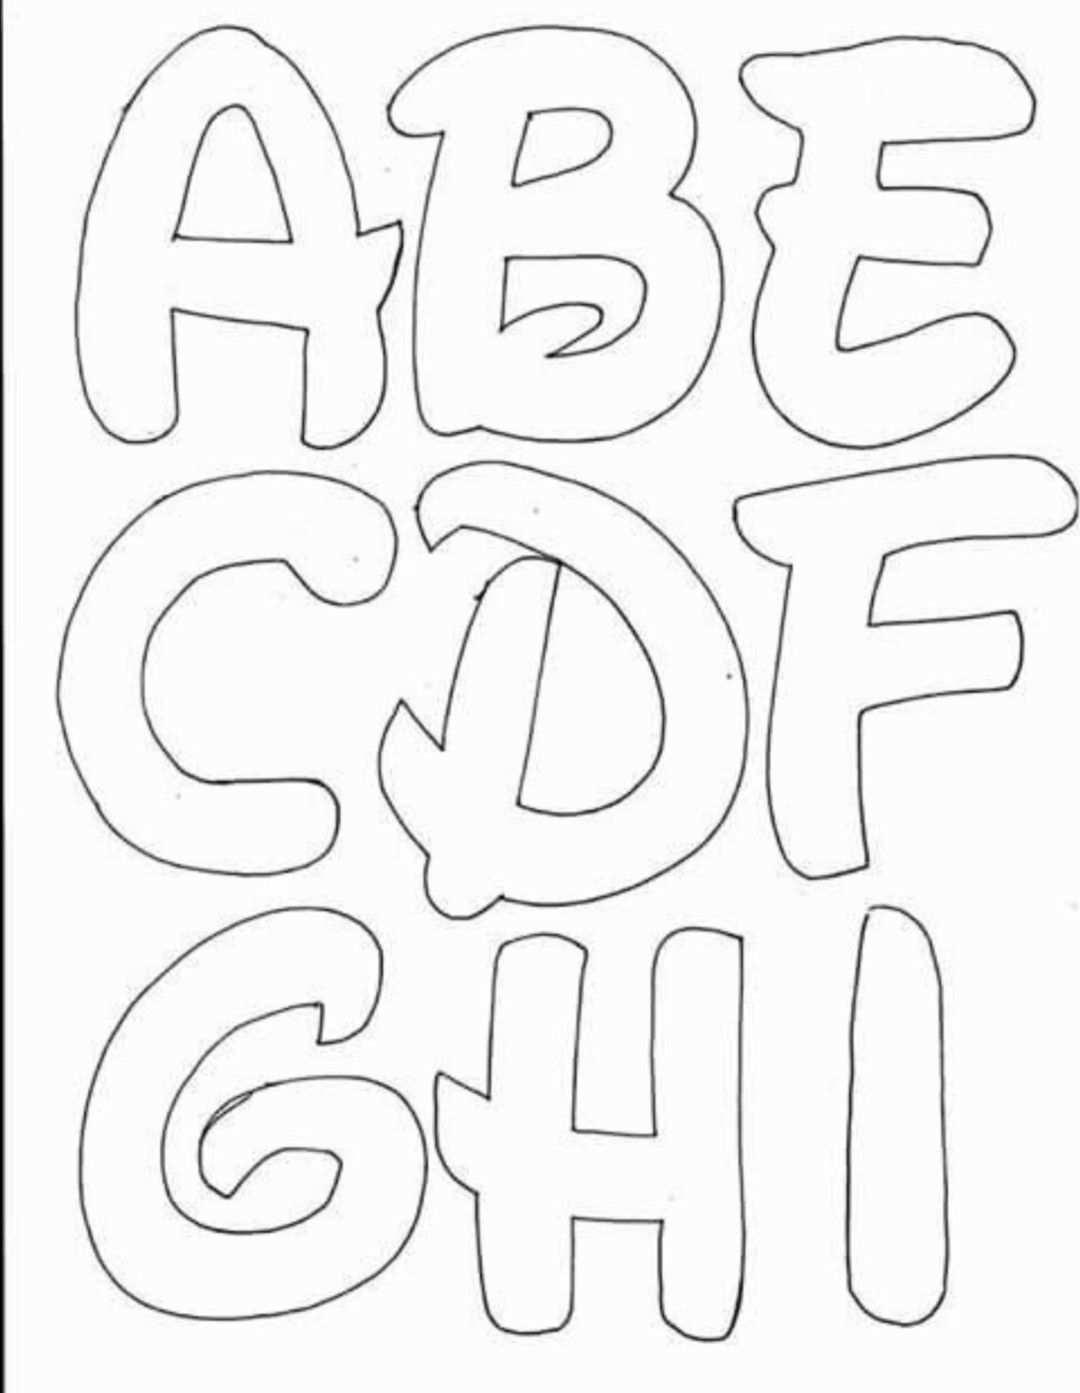 Pin Von Eli Auf Tipografia Letras In 2020 Buchstaben Schablone Alphabet Buchstaben Alphabet Schablonen